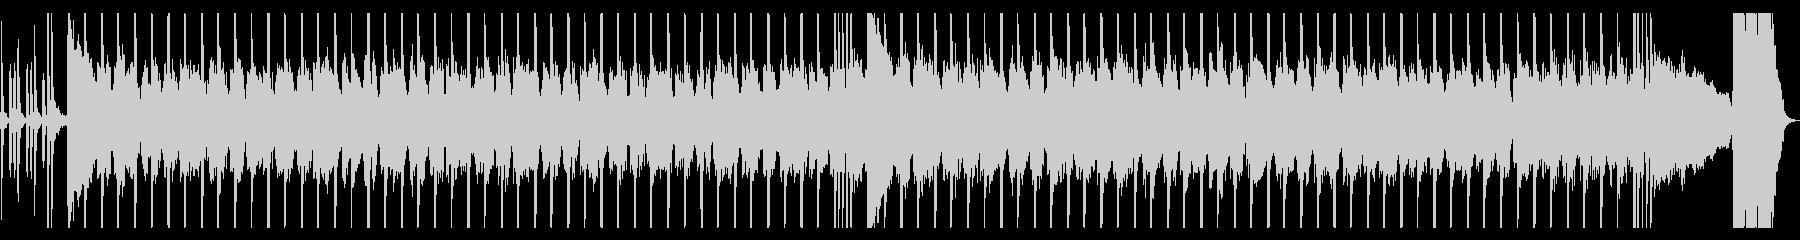 ロックギター、リフが繰り返されるBGM2の未再生の波形